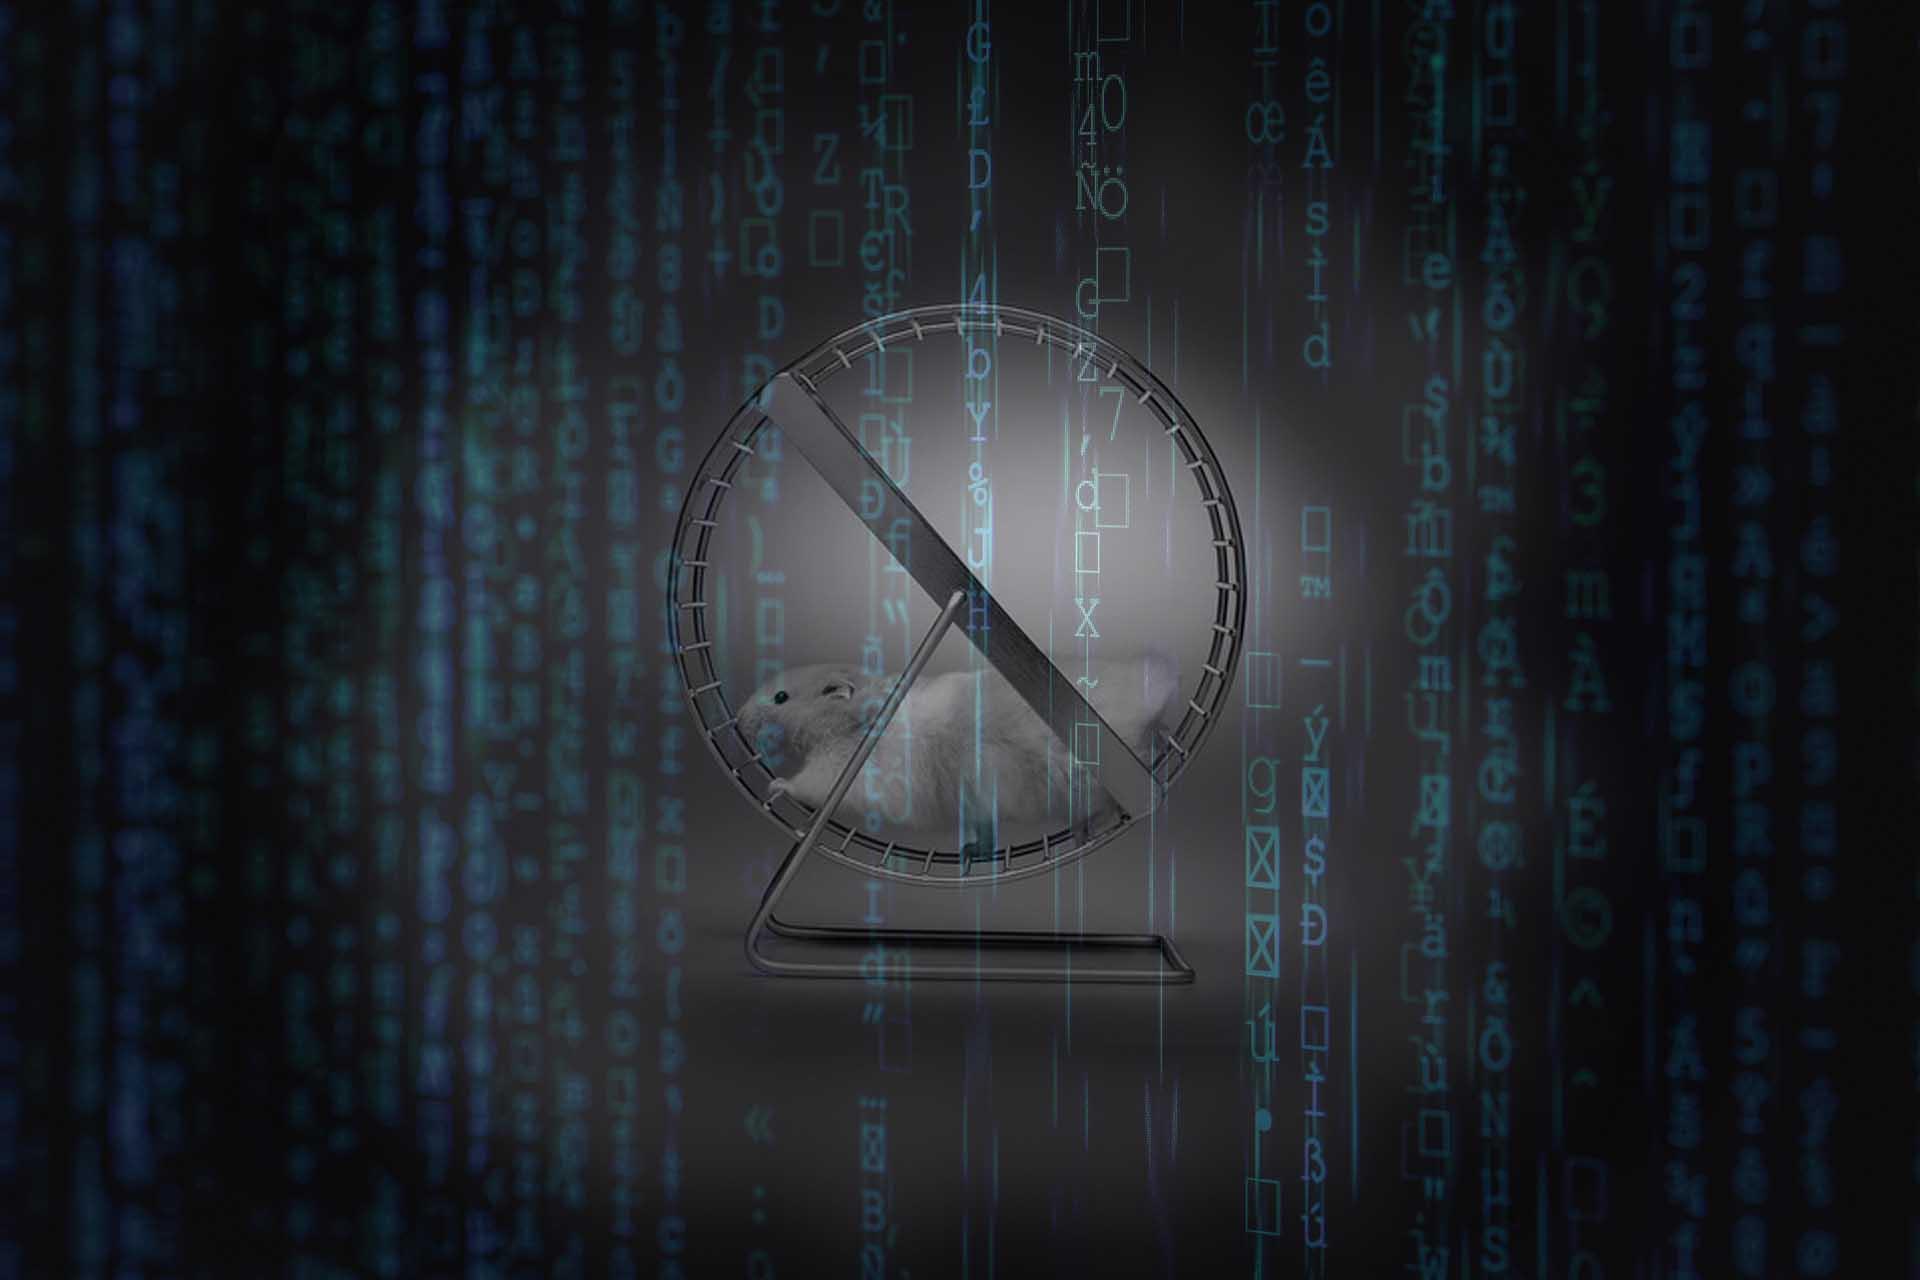 t2informatik Blog: Burnout, digitalisation and the hamster wheel